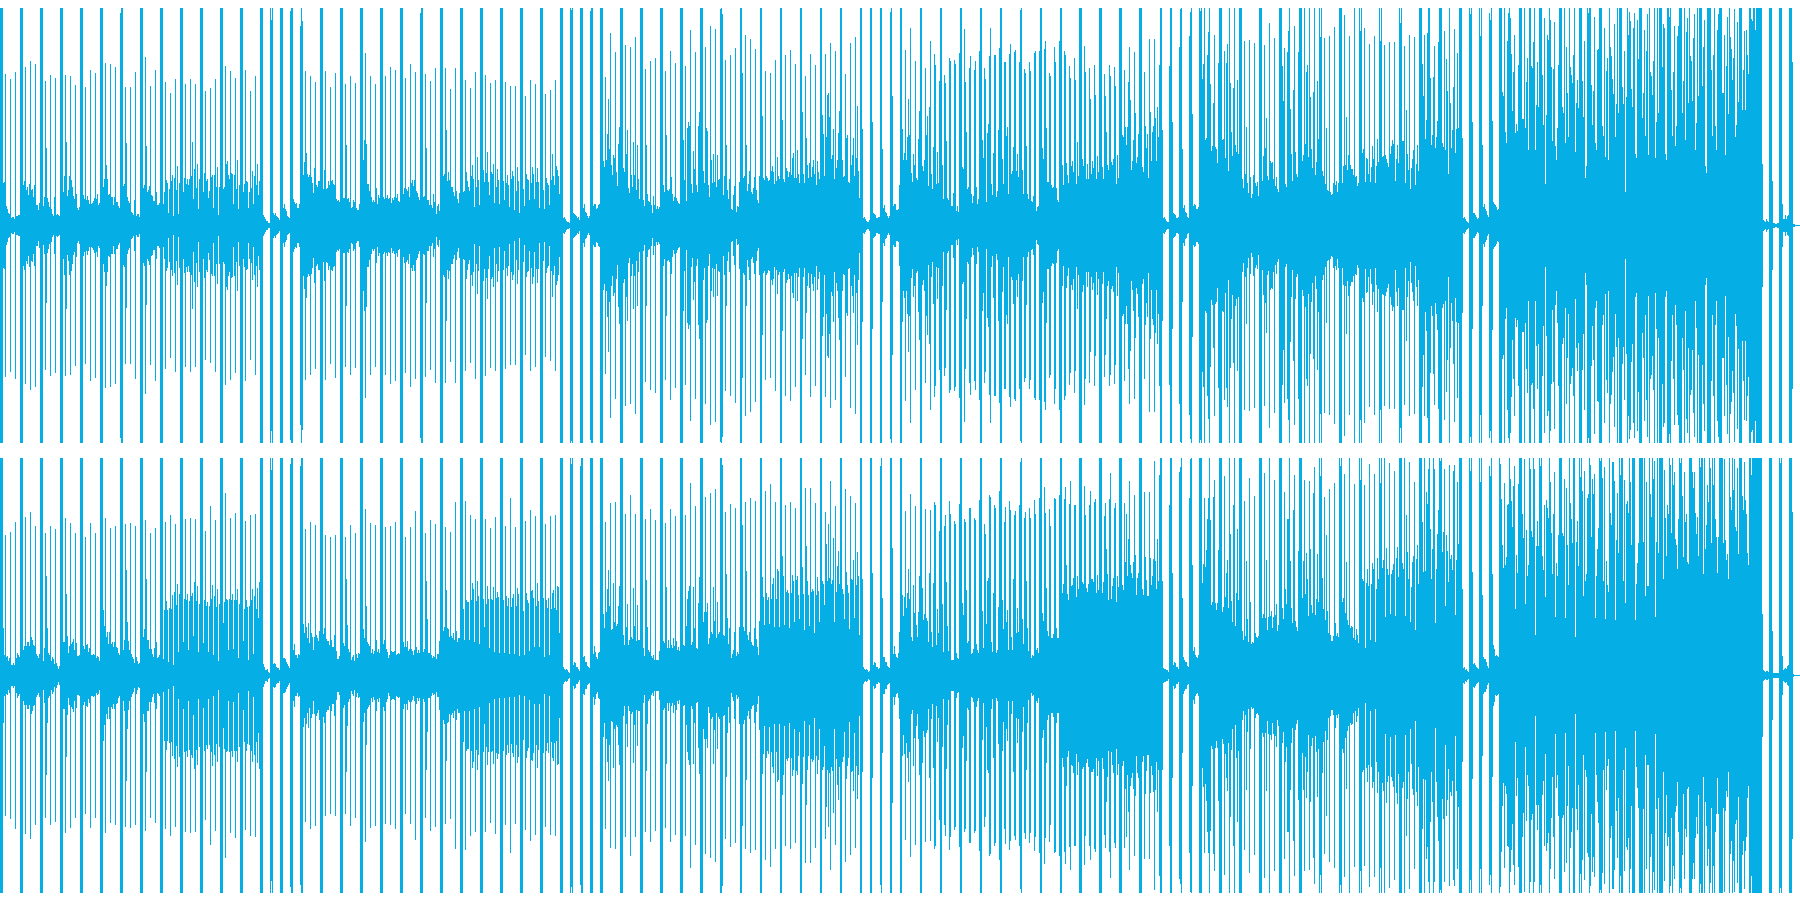 心音と時計で高まる期待感のあるBGMの再生済みの波形